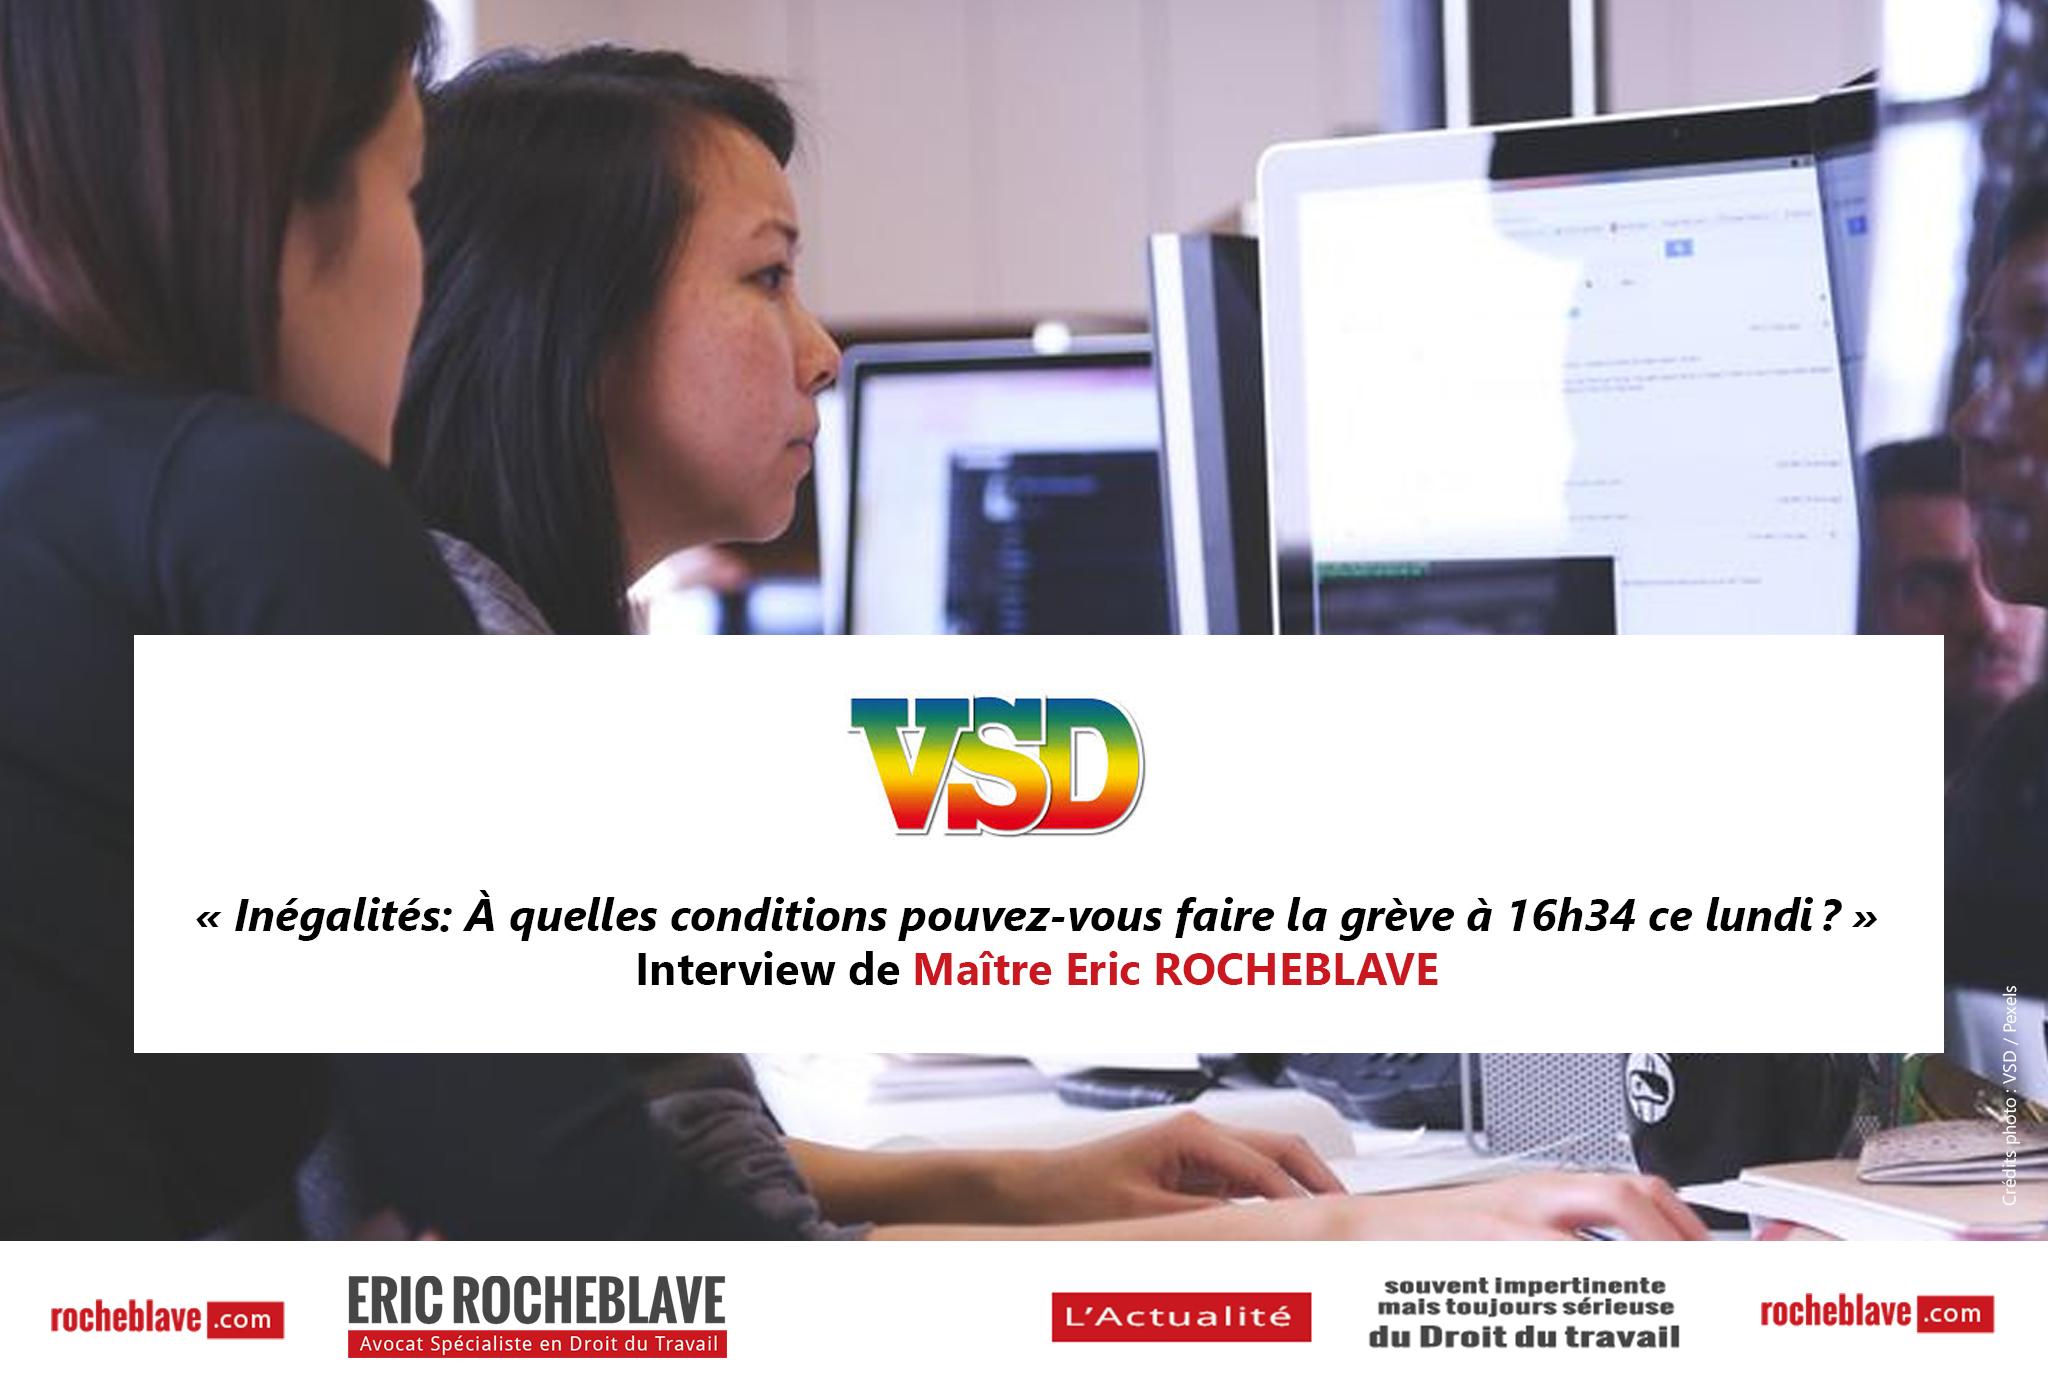 « Inégalités: À quelles conditions pouvez-vous faire la grève à 16h34 ce lundi? » Interview de Maître Eric ROCHEBLAVE | VSD